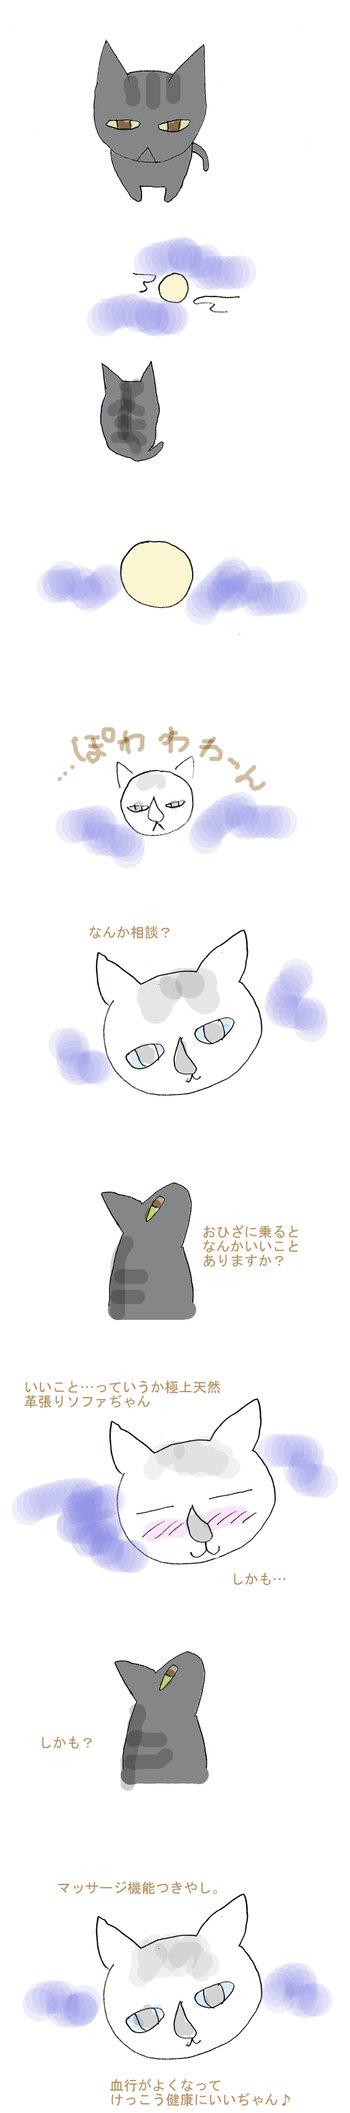 Ohiza_2